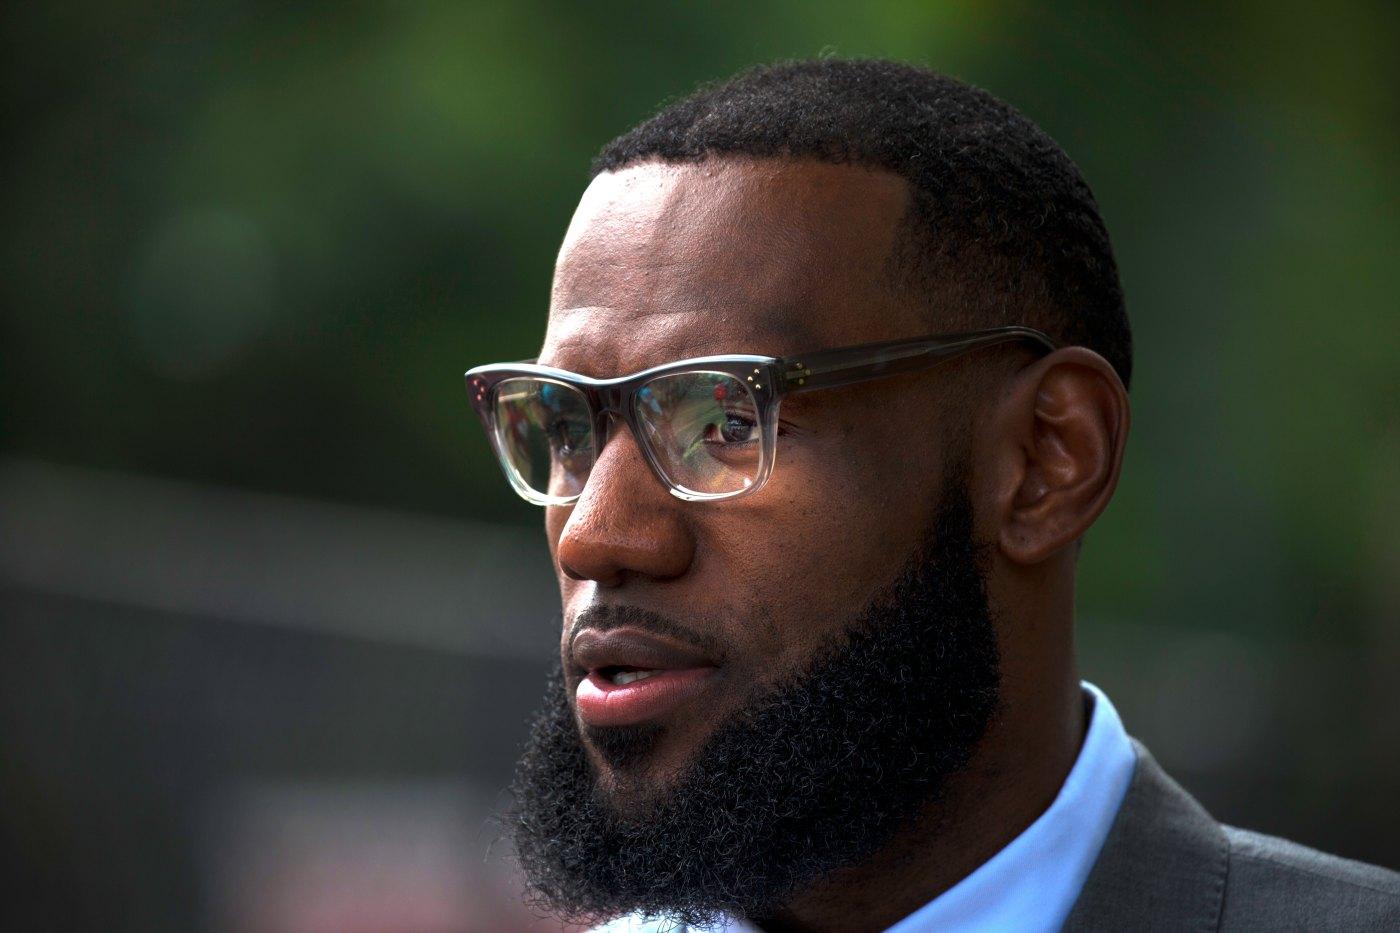 Bên cạnh Kobe Bryant và LeBron James, siêu sao NBA nào là nhà đầu tư tài ba trên thương trường? - Ảnh 2.